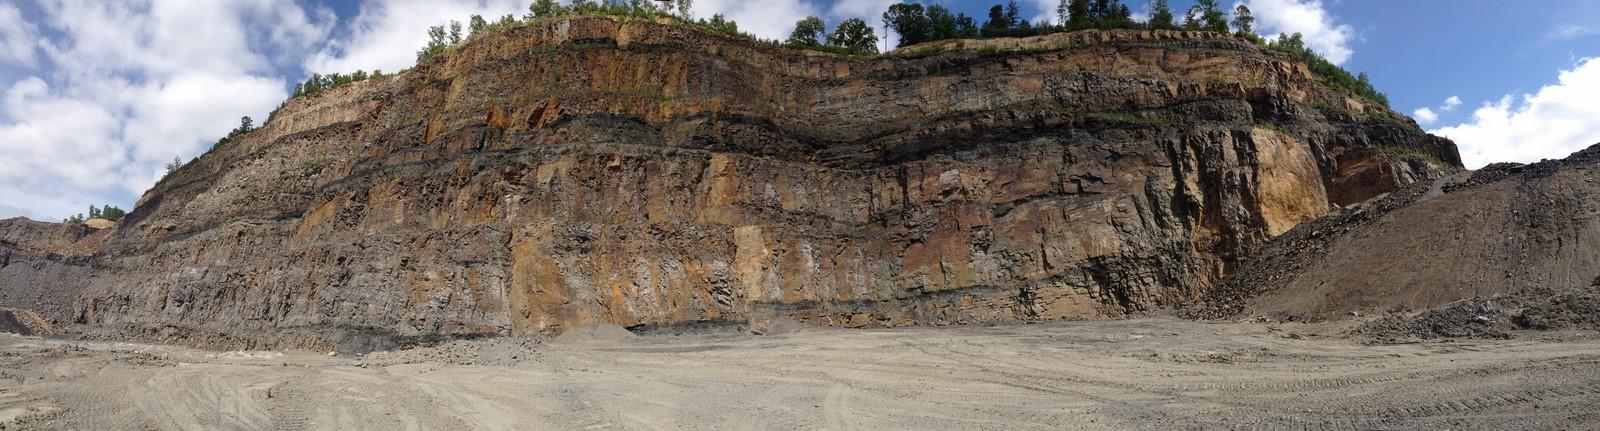 Op zoek naar plantfossielen op de Piesberg